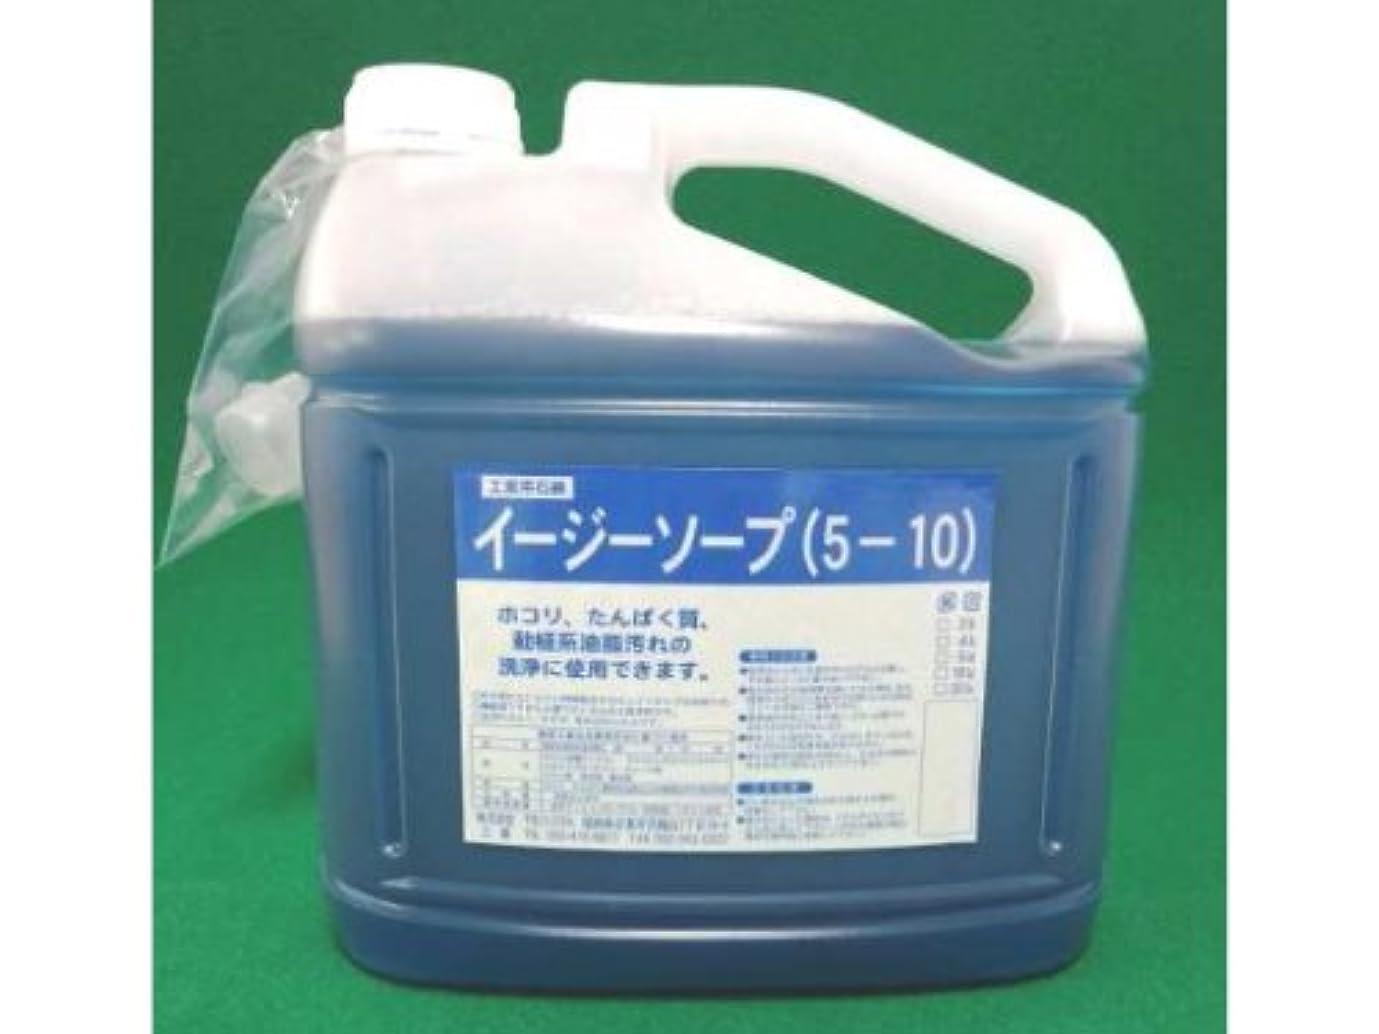 成り立つ石鹸ミシン業務用ハンドソープ サンユウイージーソープ(10倍希釈)5K 1ケース(2本入り)